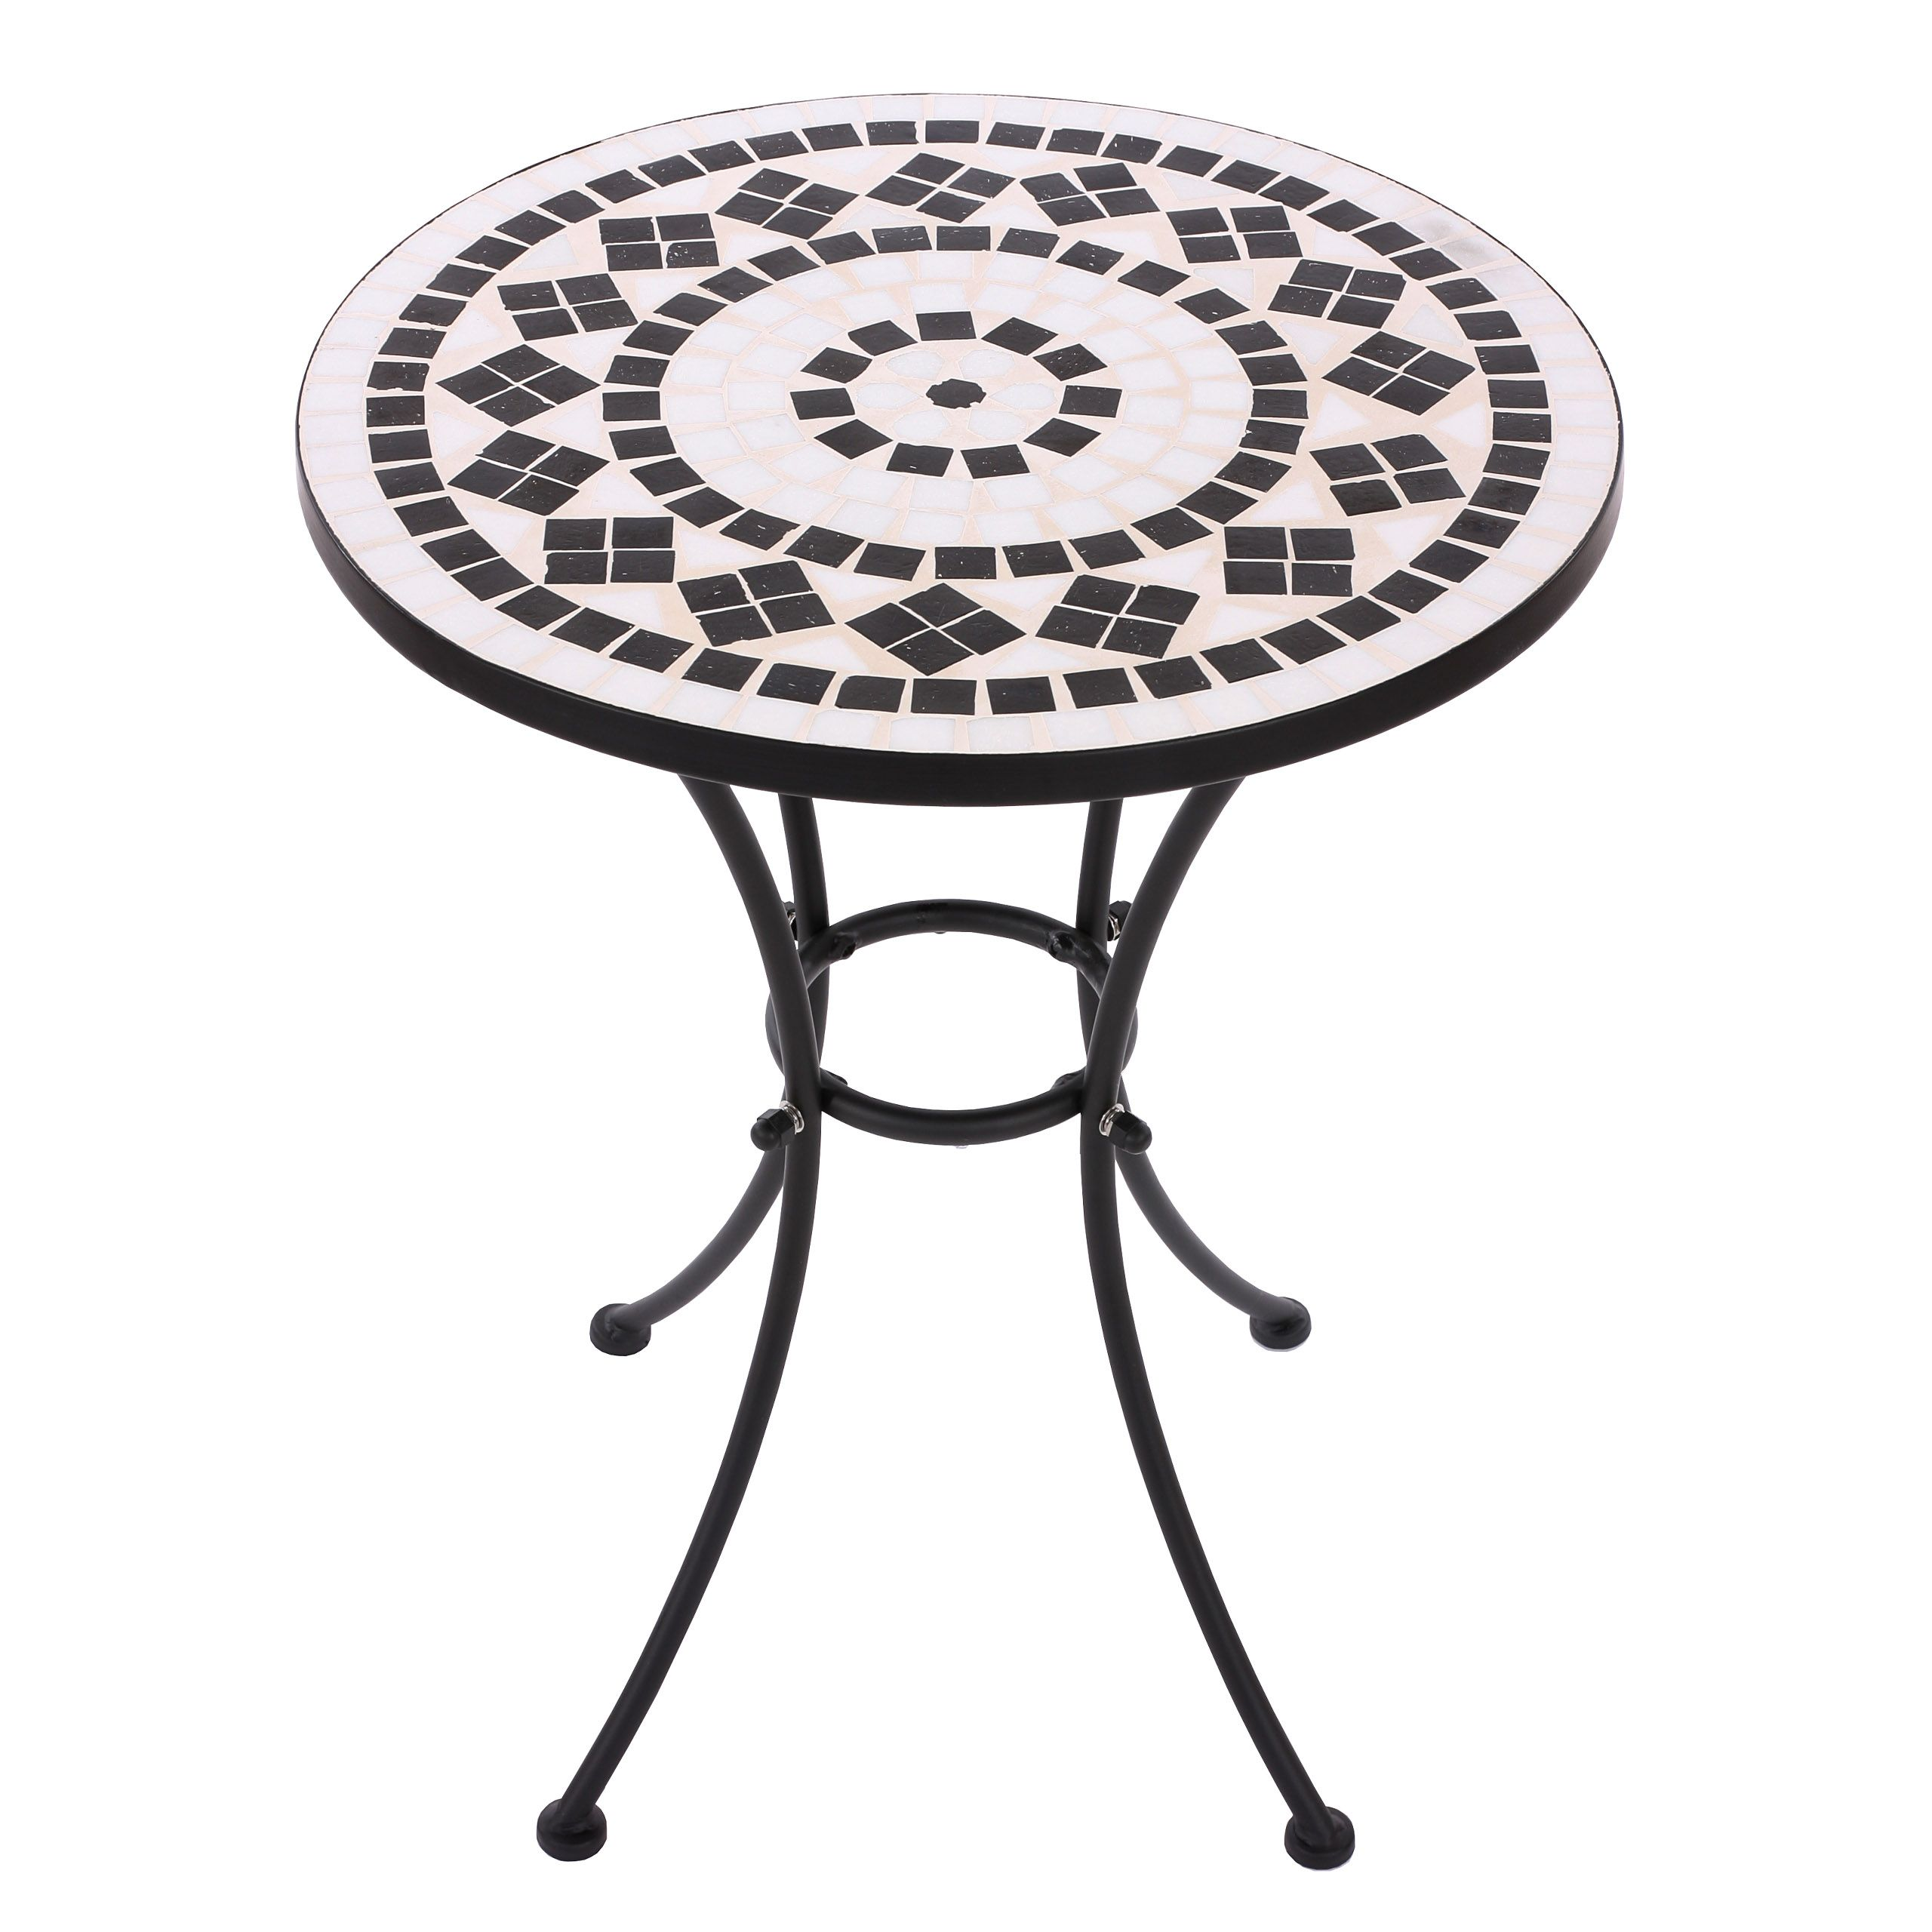 Mosaiktisch Gartentisch Bistrotisch Beistelltisch Mosaiktisch